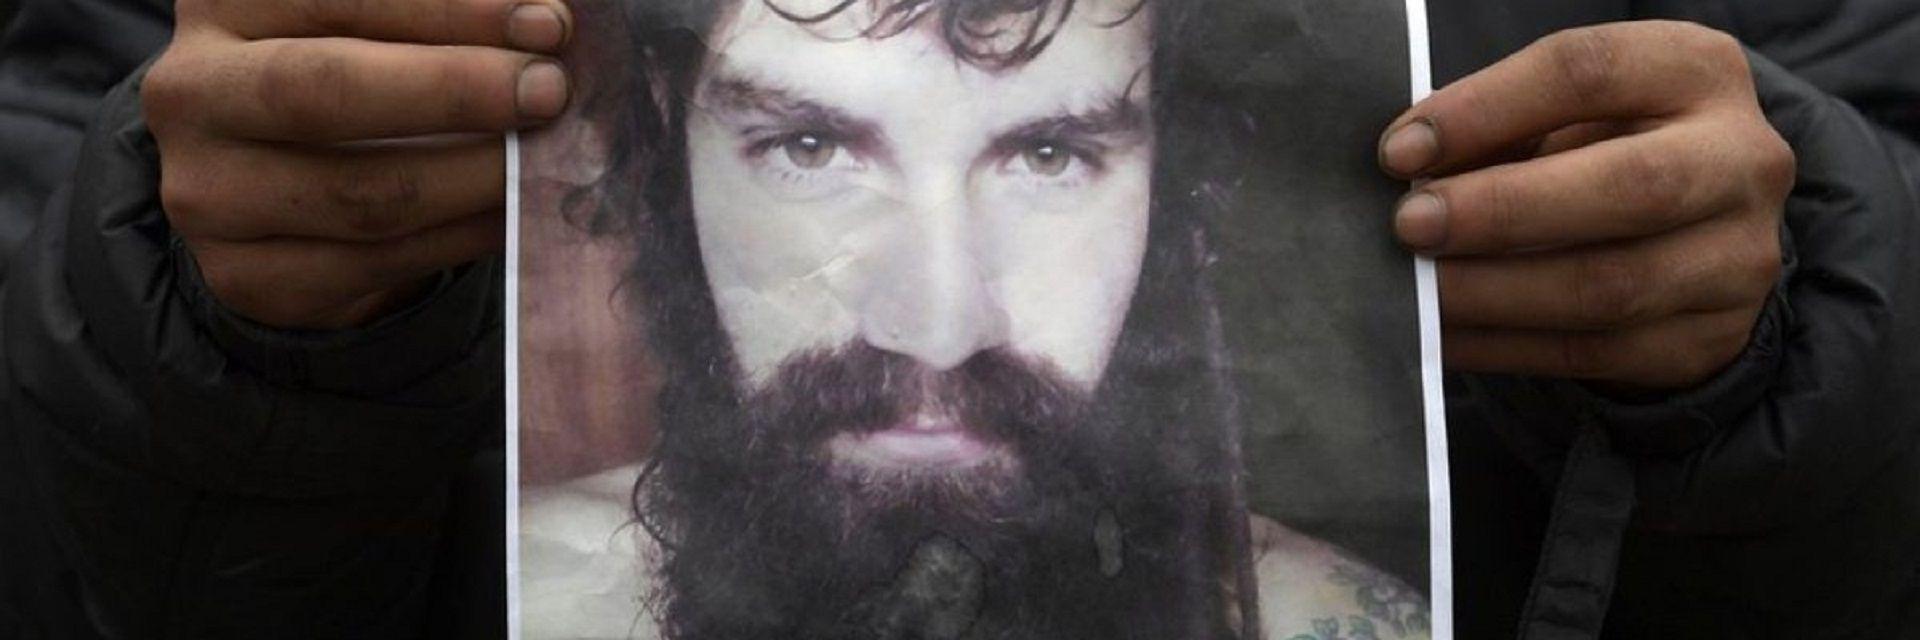 Santiago Maldonado es buscado desde el 1° de agosto